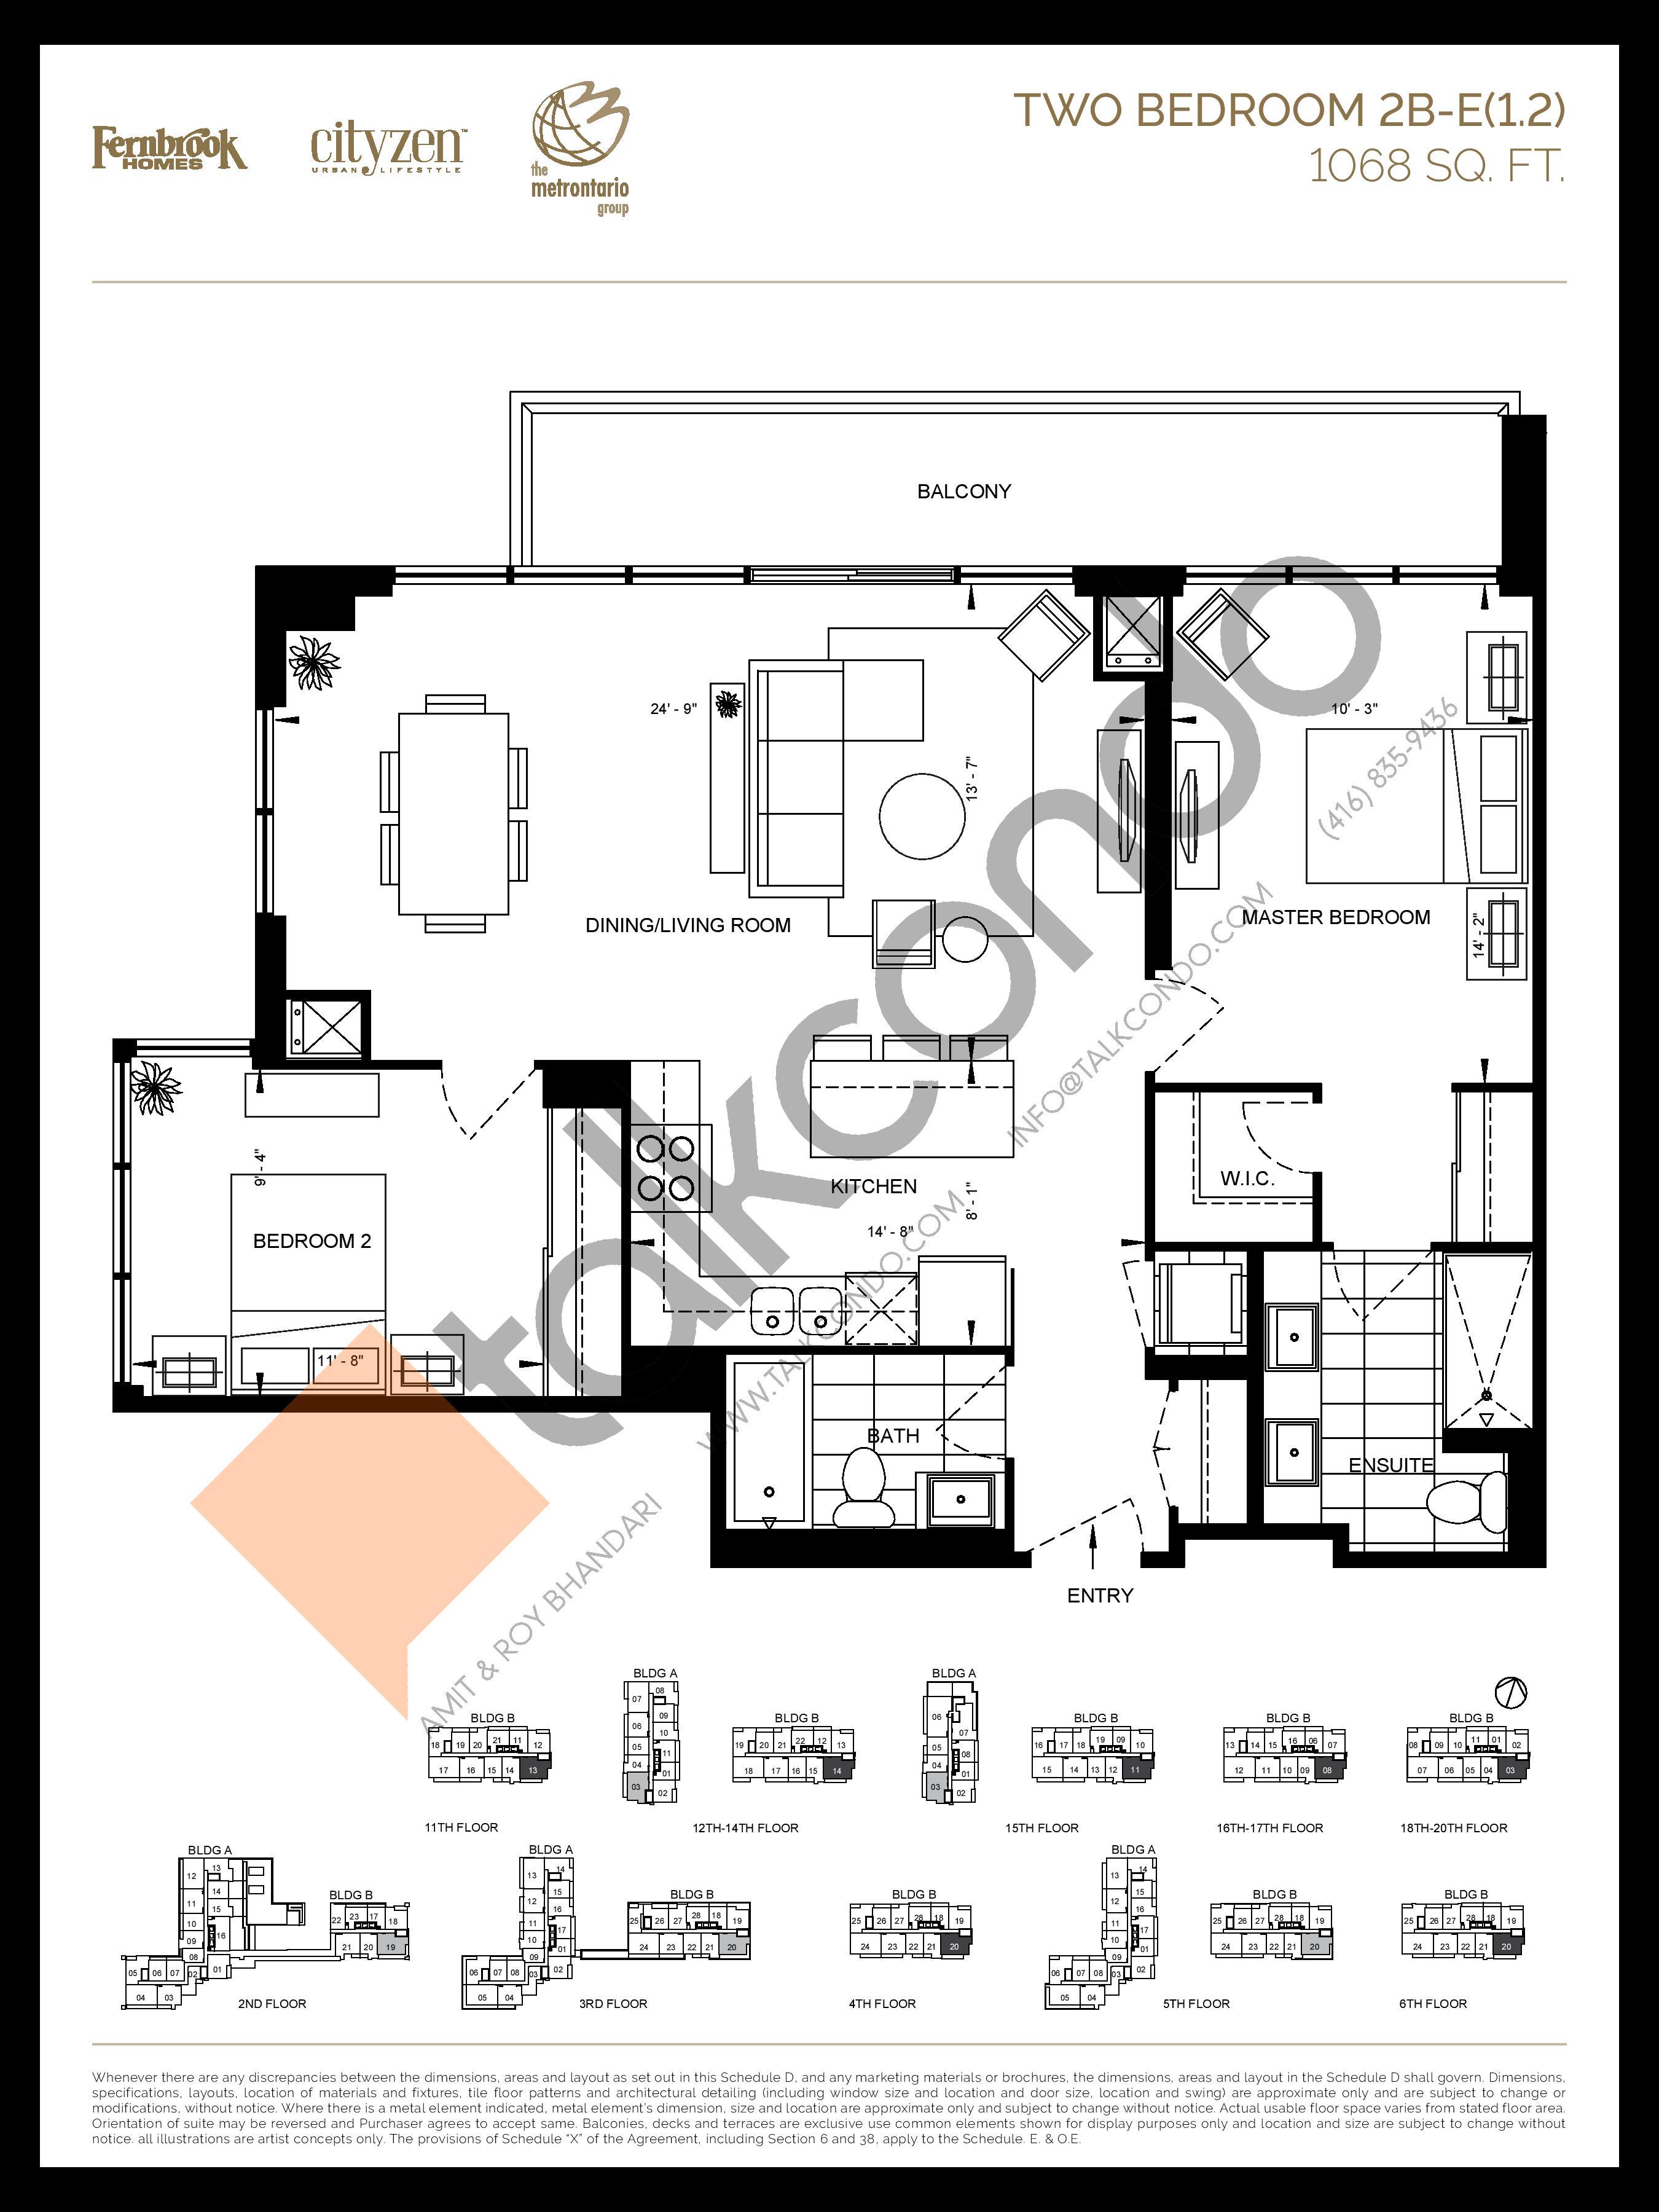 2B-E(1.2) Floor Plan at D'or Condos - 1068 sq.ft